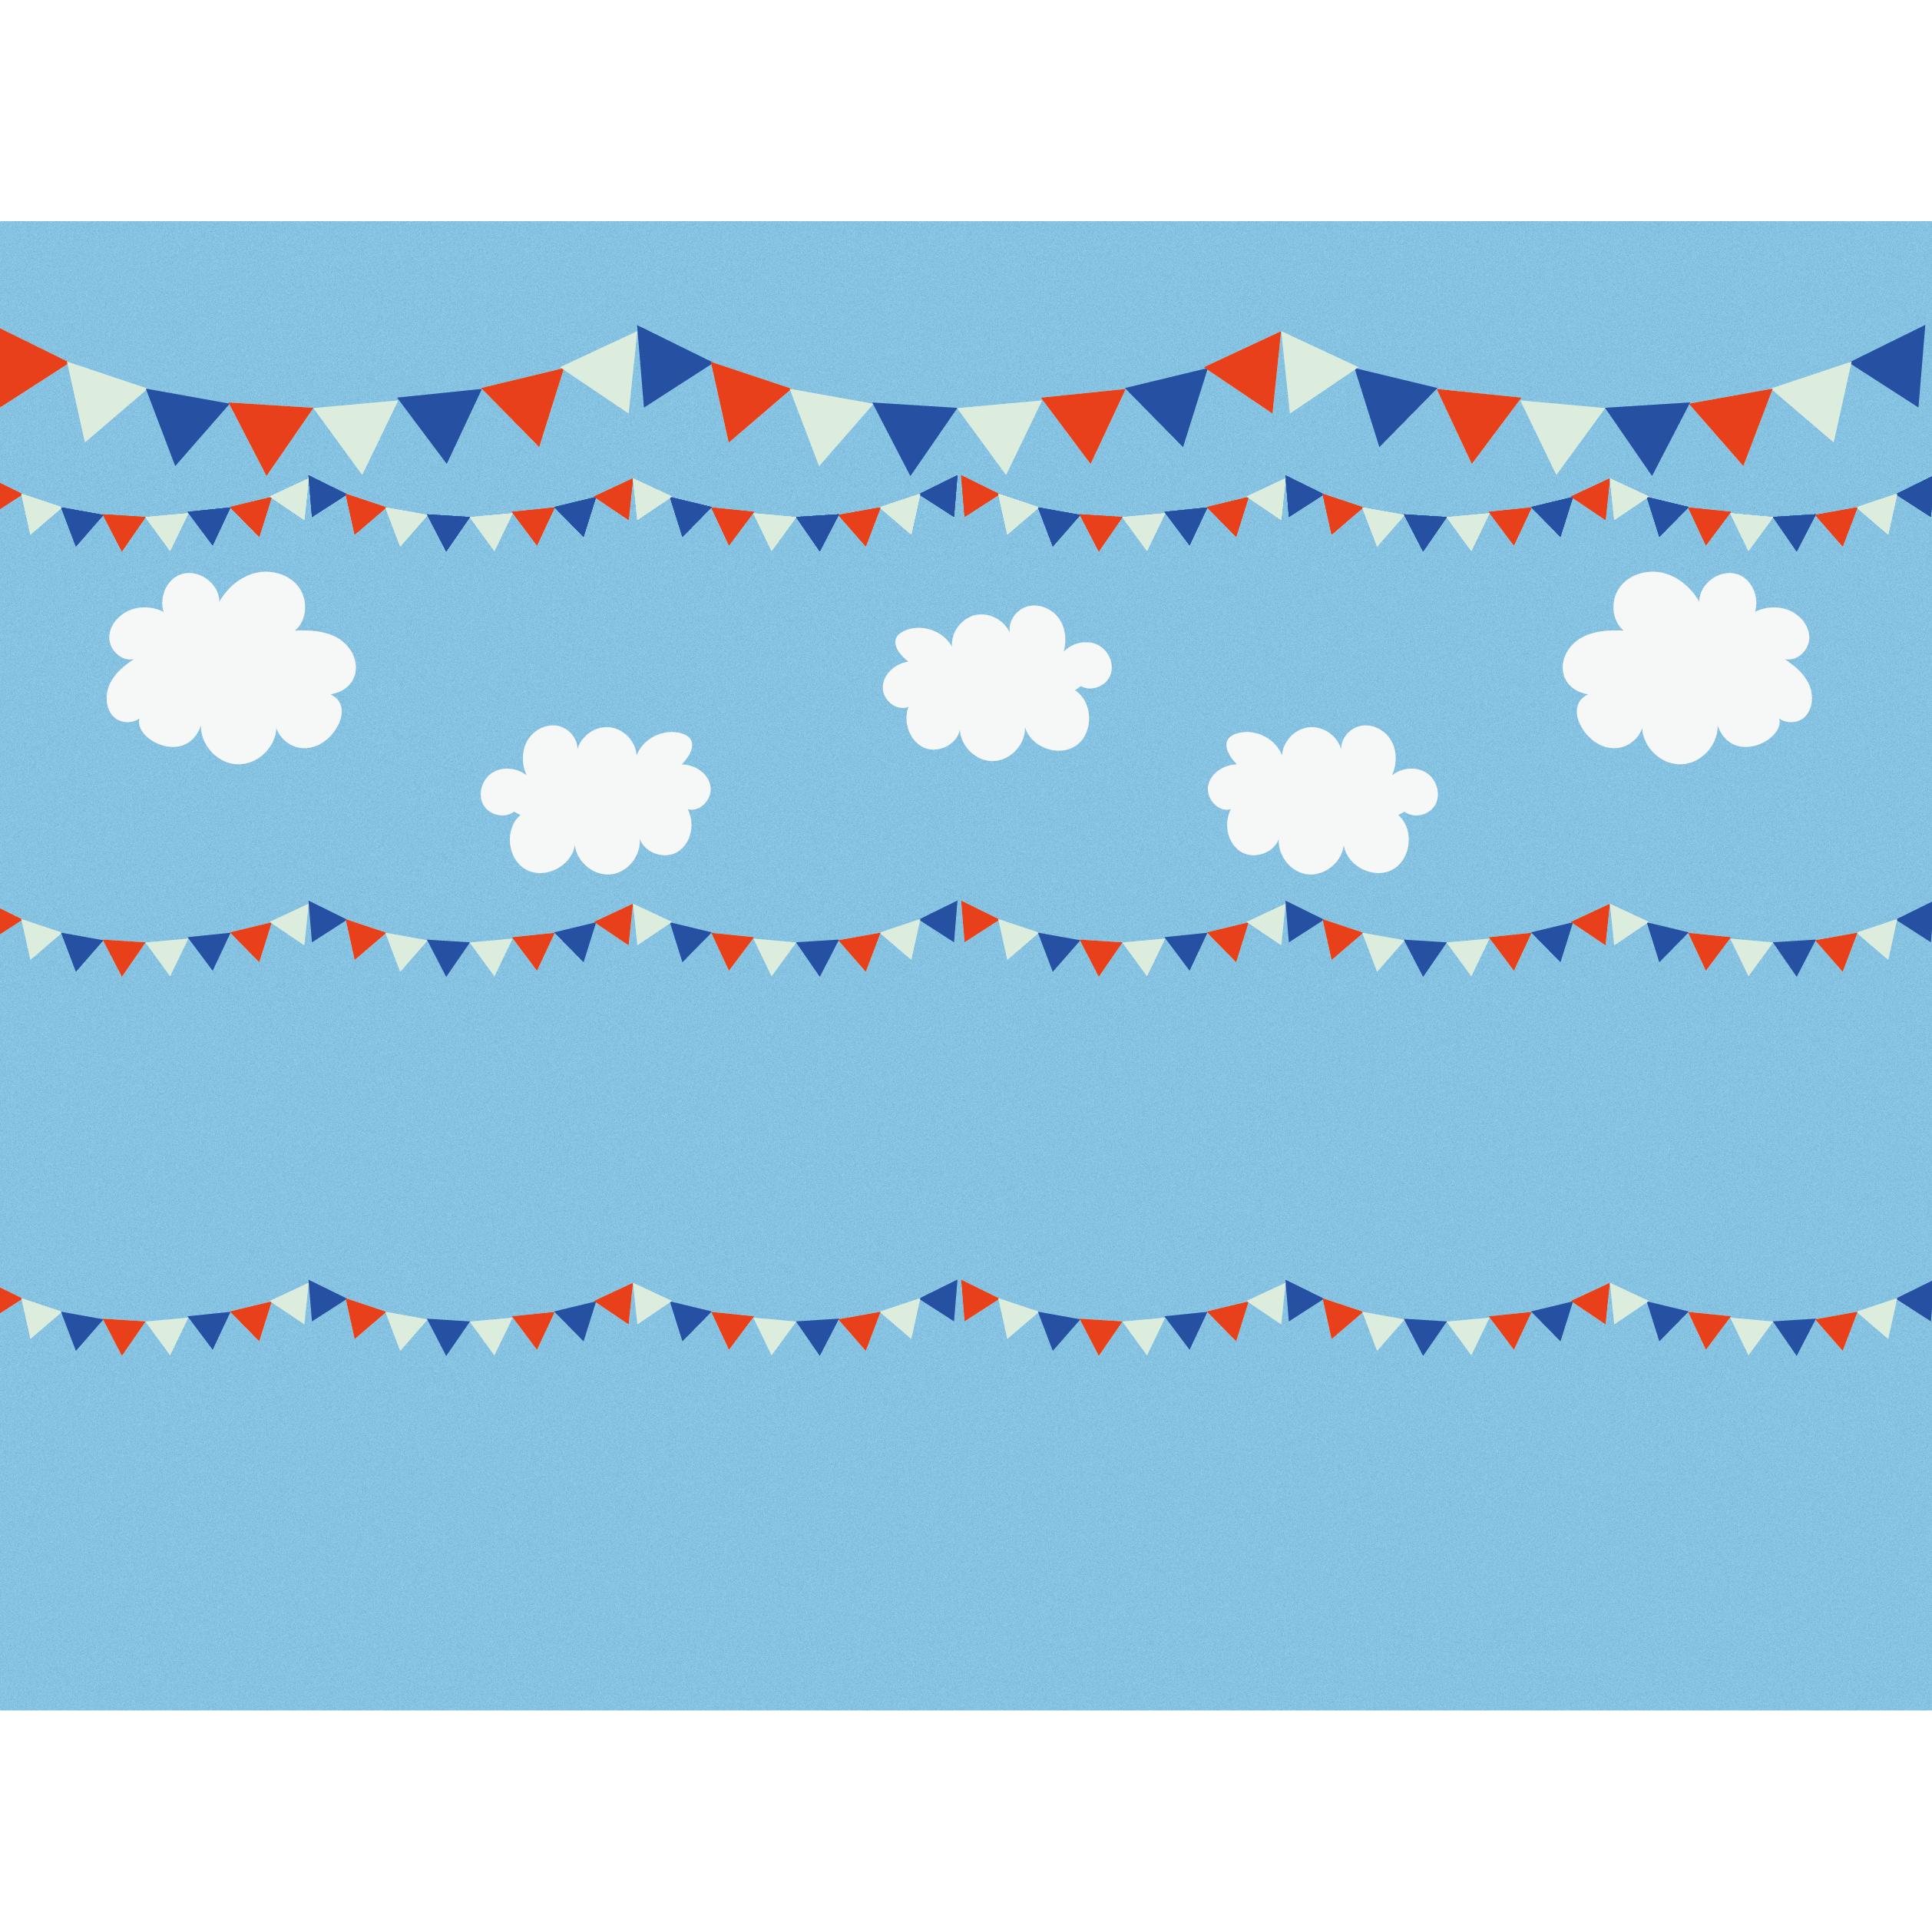 青い空とフラッグガーランドのイラストデザイン素材背景